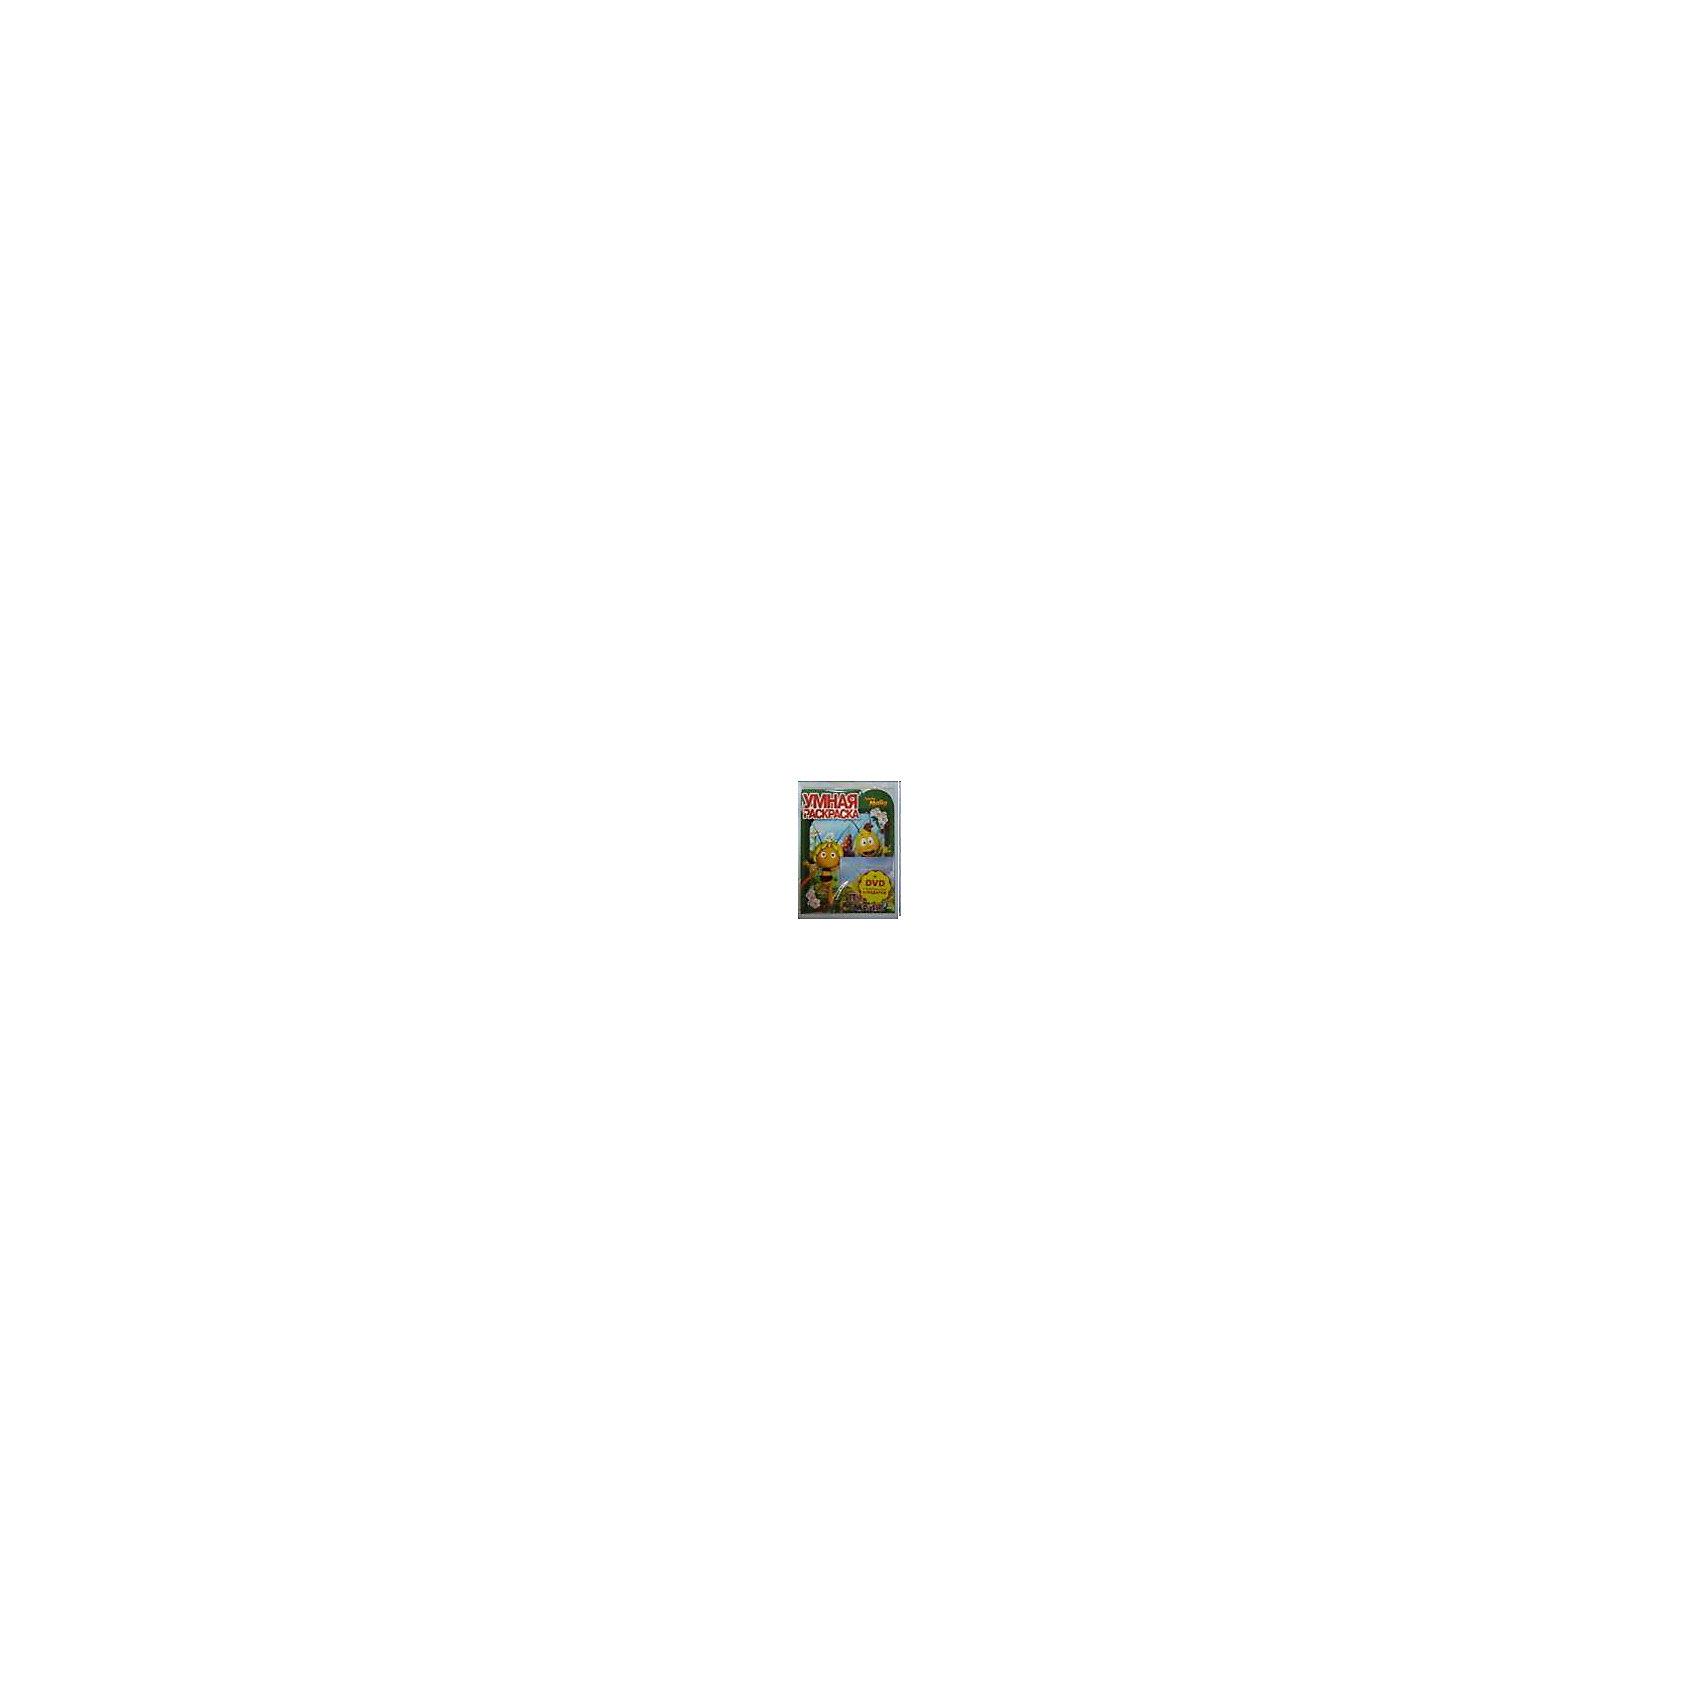 DVD №2 + раскраска Пчёлка МайяDVD №2 + раскраска Пчёлка Майя – это увлекательное времяпрепровождение для ребенка в компании с веселой пчёлкой Майей и ее друзьями.<br>На страницах этой замечательной раскраски представлены различные картинки с персонажами мультсериала про пчёлку Майю. Отличное качество раскраски и крупные рисунки обязательно понравятся юному художнику. Часть контуров рисунков дана пунктиром, и их нужно обвести. На всех страничках есть подписи к картинкам. Раскрашивая рисунки, Ваш ребенок не только получит удовольствие, но и разовьет фантазию, логику, умение мыслить, усидчивость и внимание. В комплект раскраски входит диск DVD диск с мультфильмом о приключениях озорной пчелки Майя и ее друзей. Серия раскрасок с DVD объединяет два любимых занятия - раскрашивать и смотреть мультфильмы.<br><br>Дополнительная информация:<br><br>- В наборе: раскраска, DVD<br>- По мотивам книги немецкого писателя В. Бонзельса<br>- Актерский состав: Мичико Номура, Ичиро Нагай, Хельга Андерс, Марис Бажут<br>- Производство: Apollo Film<br>- Продолжительность: 176 мин<br>- Звук:  Русский Dolby Digital 2.0<br>- Переплет раскраски: мягкий<br>- Страниц: 16 (офсет)<br>- Размер: 215x285x26 мм.<br>- Вес: 65 гр.<br><br>DVD №2 + раскраску Пчёлка Майя можно купить в нашем интернет-магазине.<br><br>Ширина мм: 215<br>Глубина мм: 2<br>Высота мм: 285<br>Вес г: 65<br>Возраст от месяцев: 36<br>Возраст до месяцев: 72<br>Пол: Унисекс<br>Возраст: Детский<br>SKU: 4234259